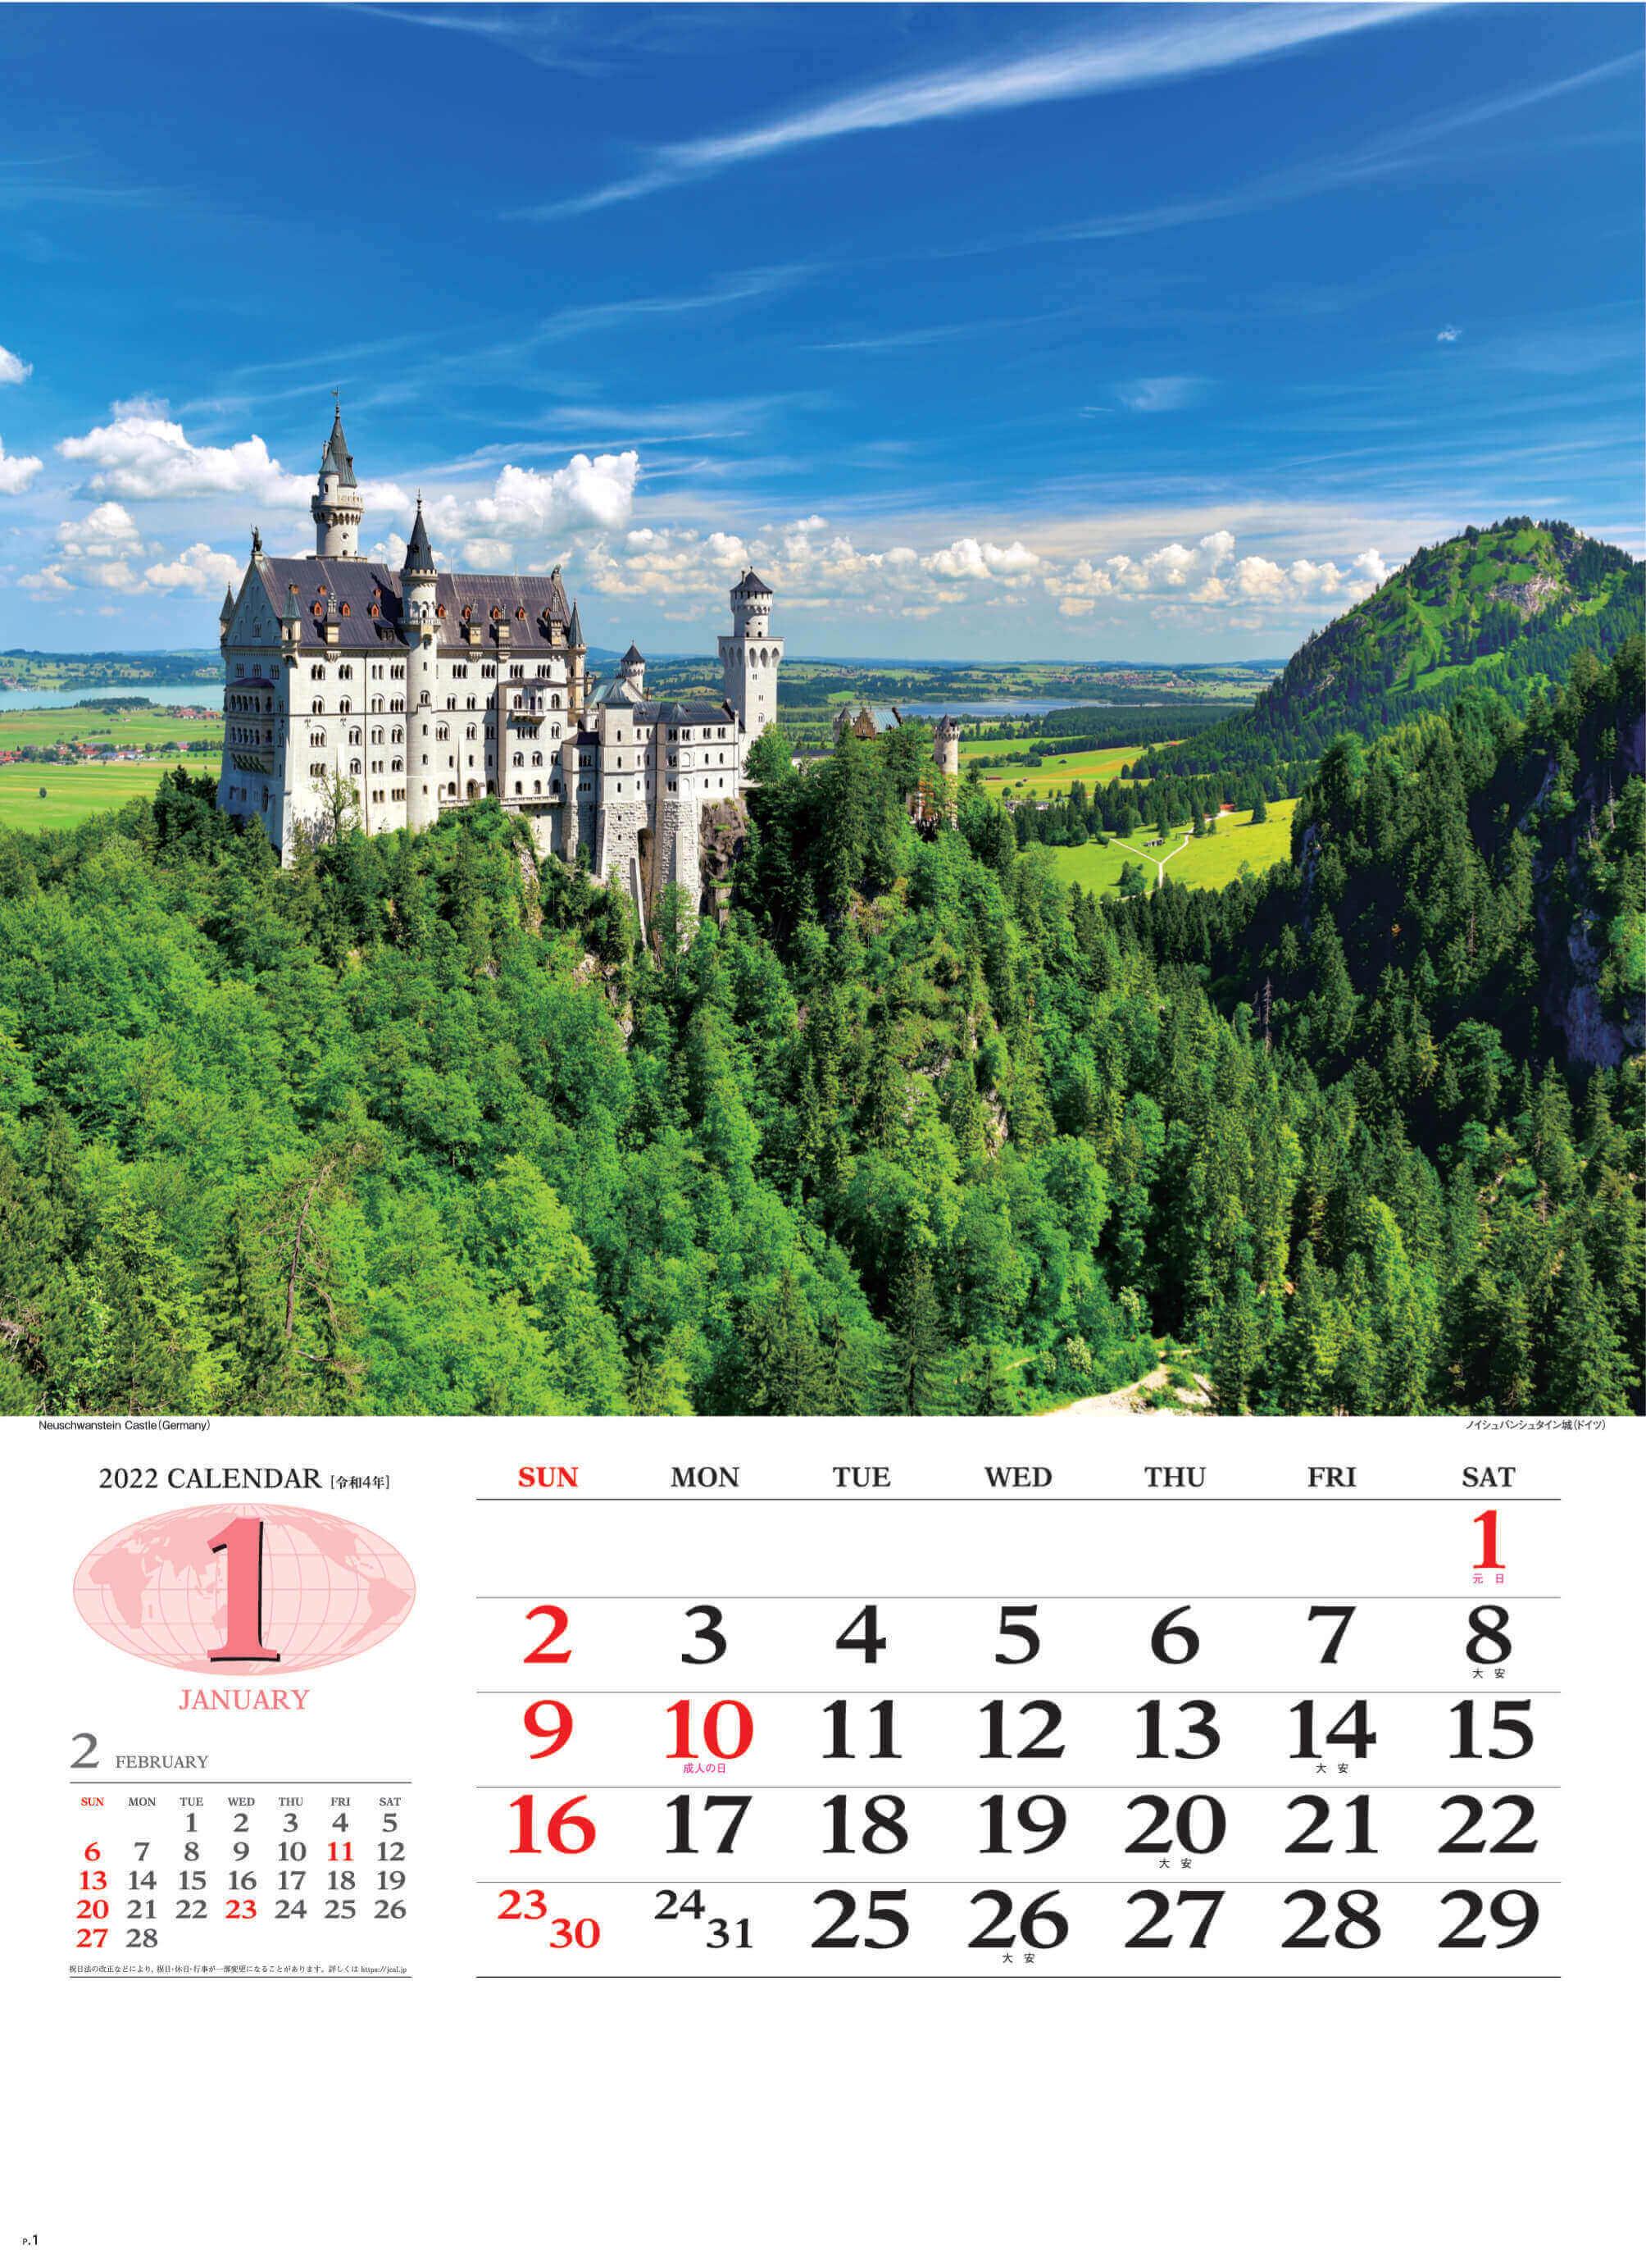 1月 ノイシュバンシュタイン城 ドイツ 世界の景観 2022年カレンダーの画像